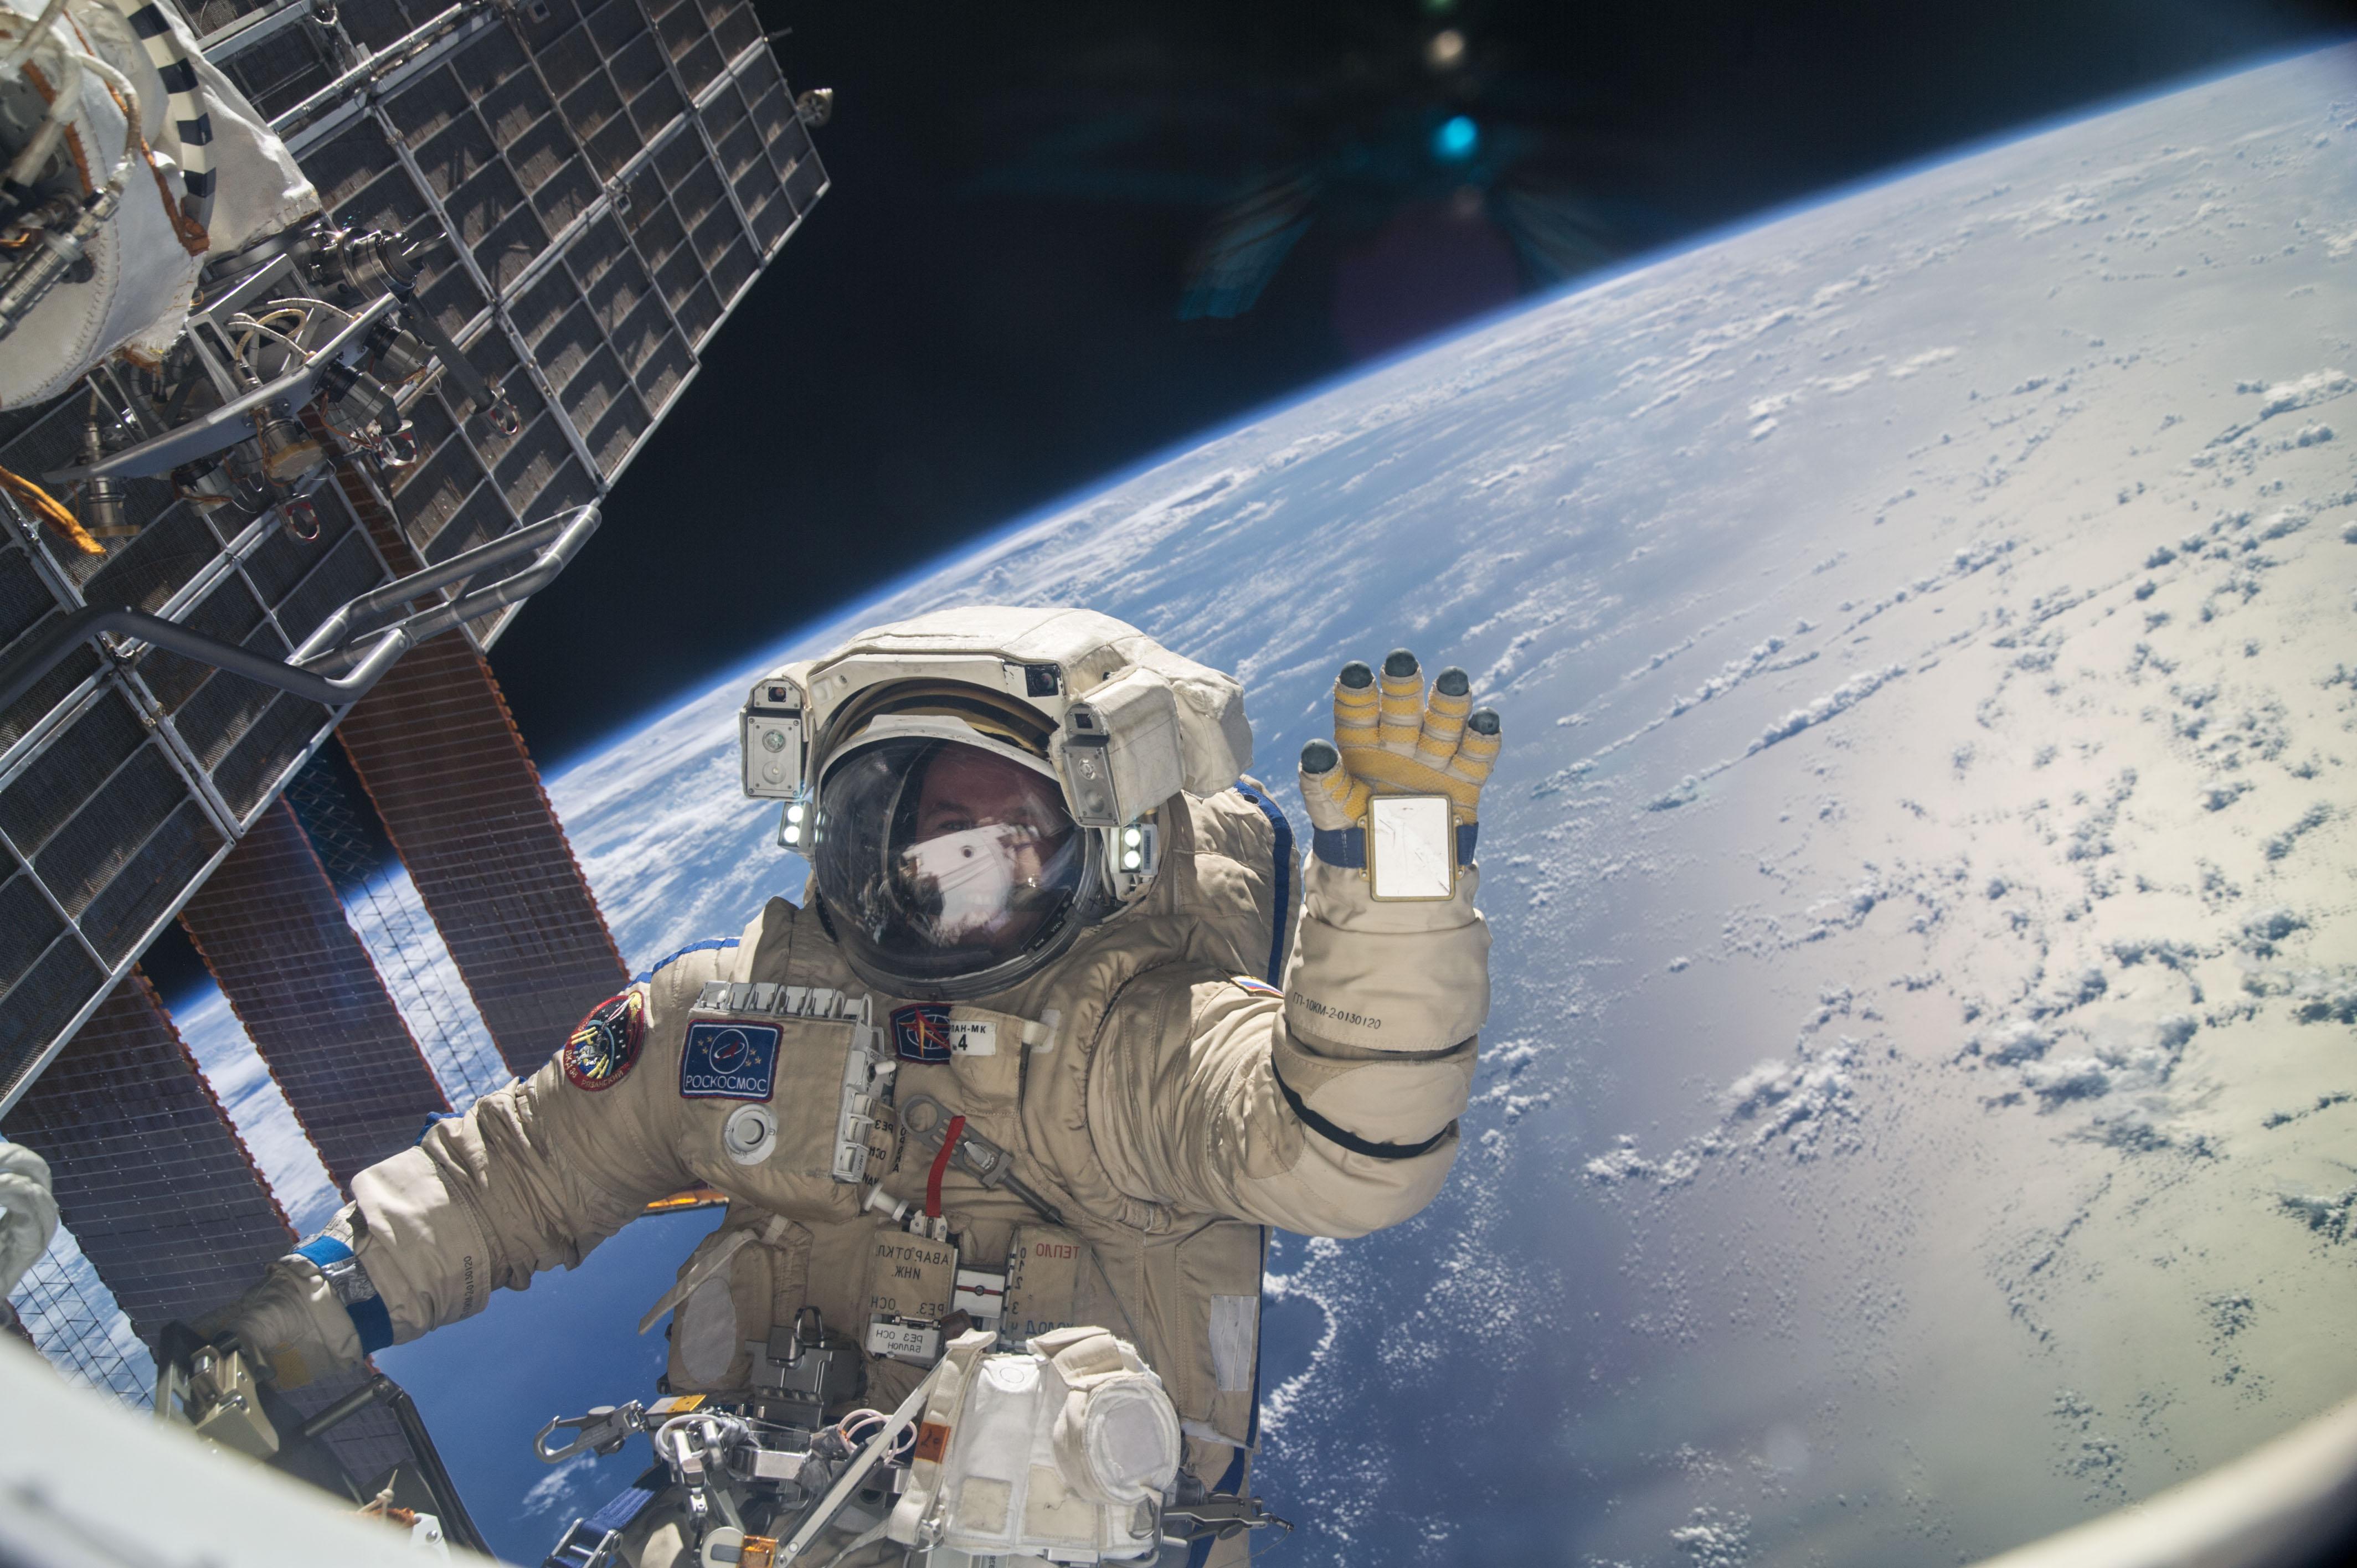 Dva astronauti vystoupili z ISS na šestihodinovou vesmírnou procházku do volného vesmíru